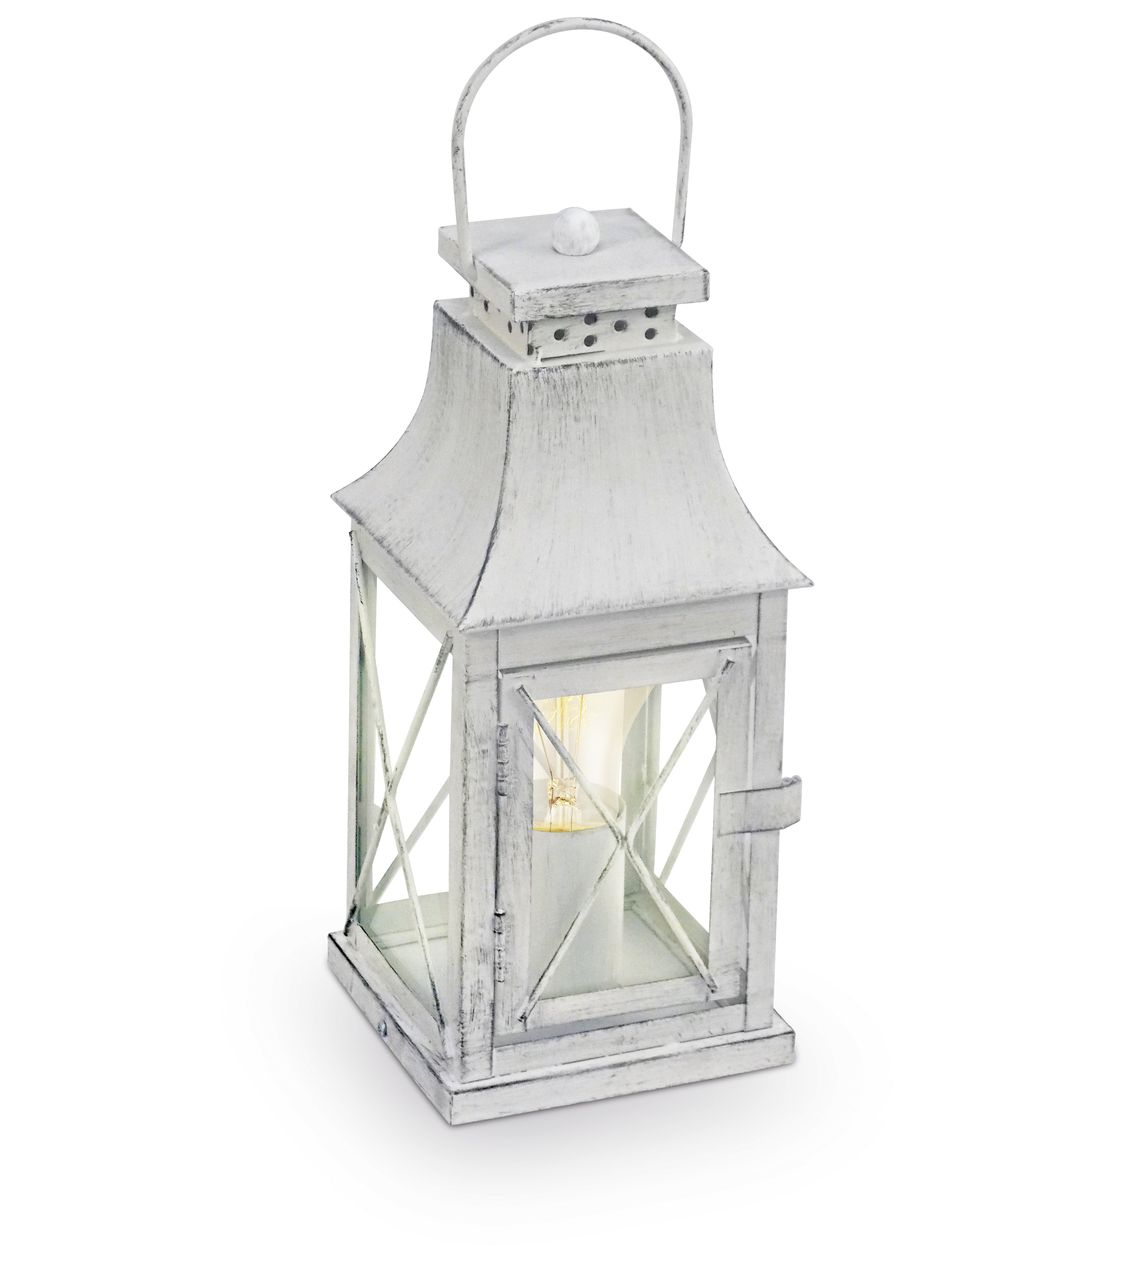 Настольная лампа Eglo Vintage 49294 настольная лампа eglo vintage 49287